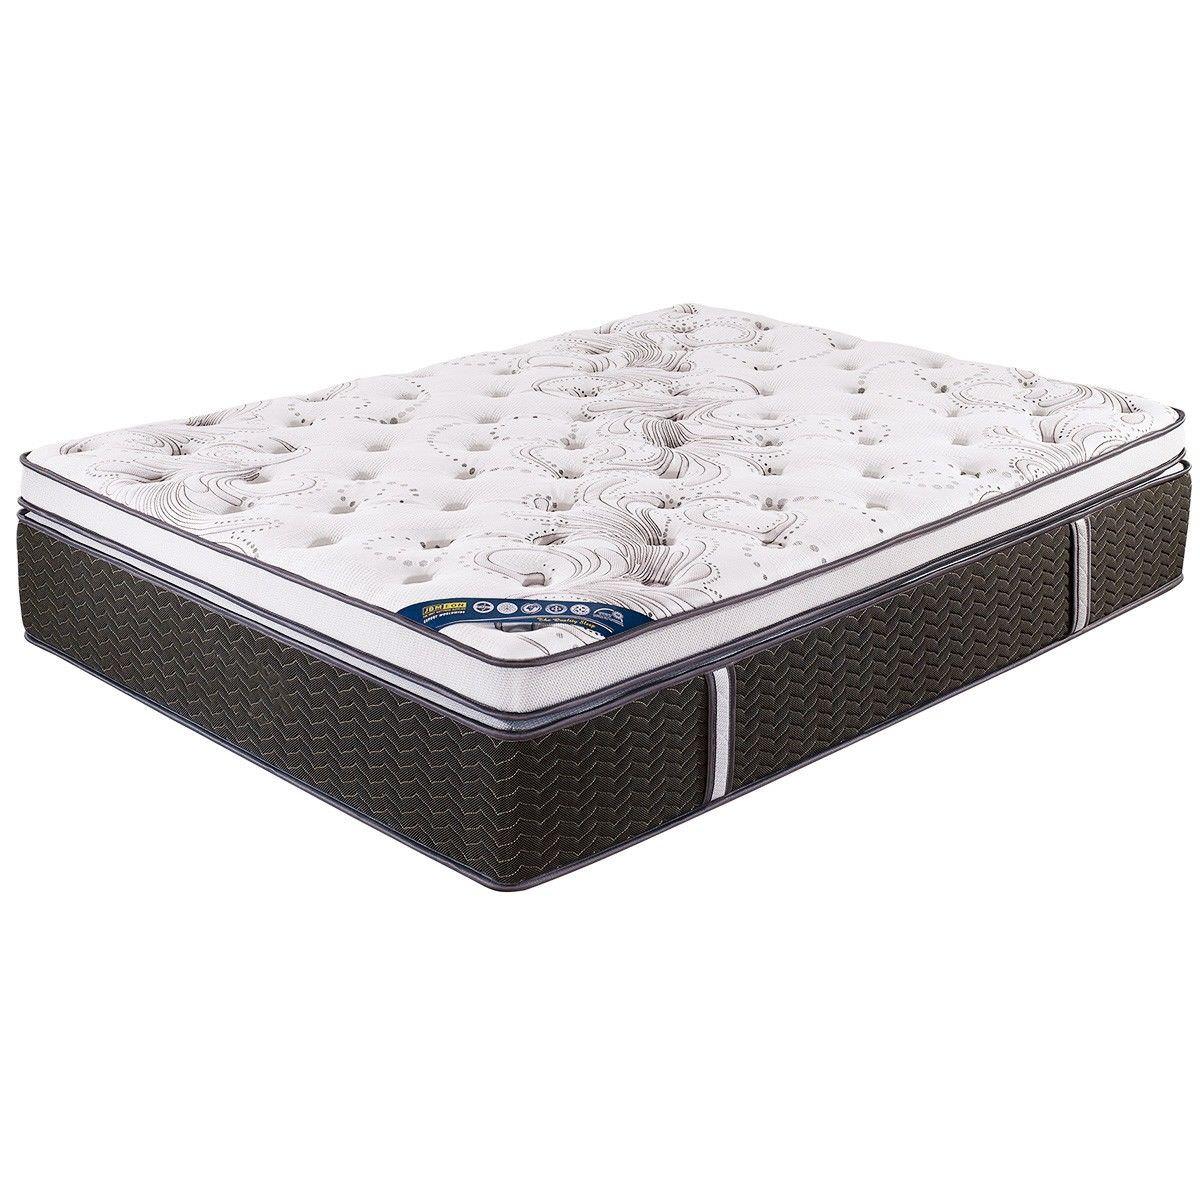 Evedon Medium Firm Pocket Spring Mattress with Memory Foam Pillow Top, Queen